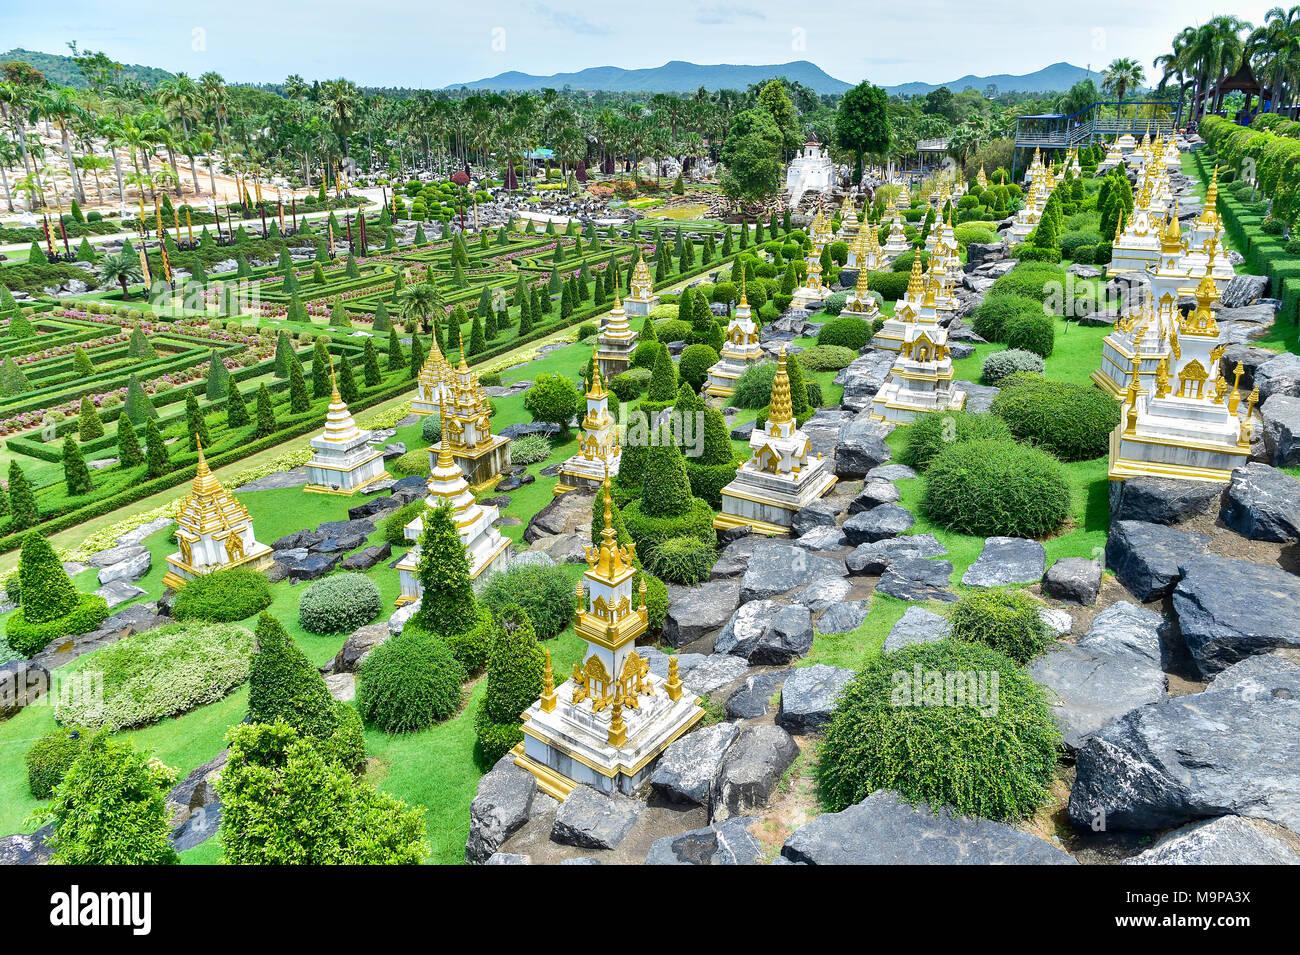 French Garden, Nong Nooch Tropical Botanical Garden, Pattaya, Thailand